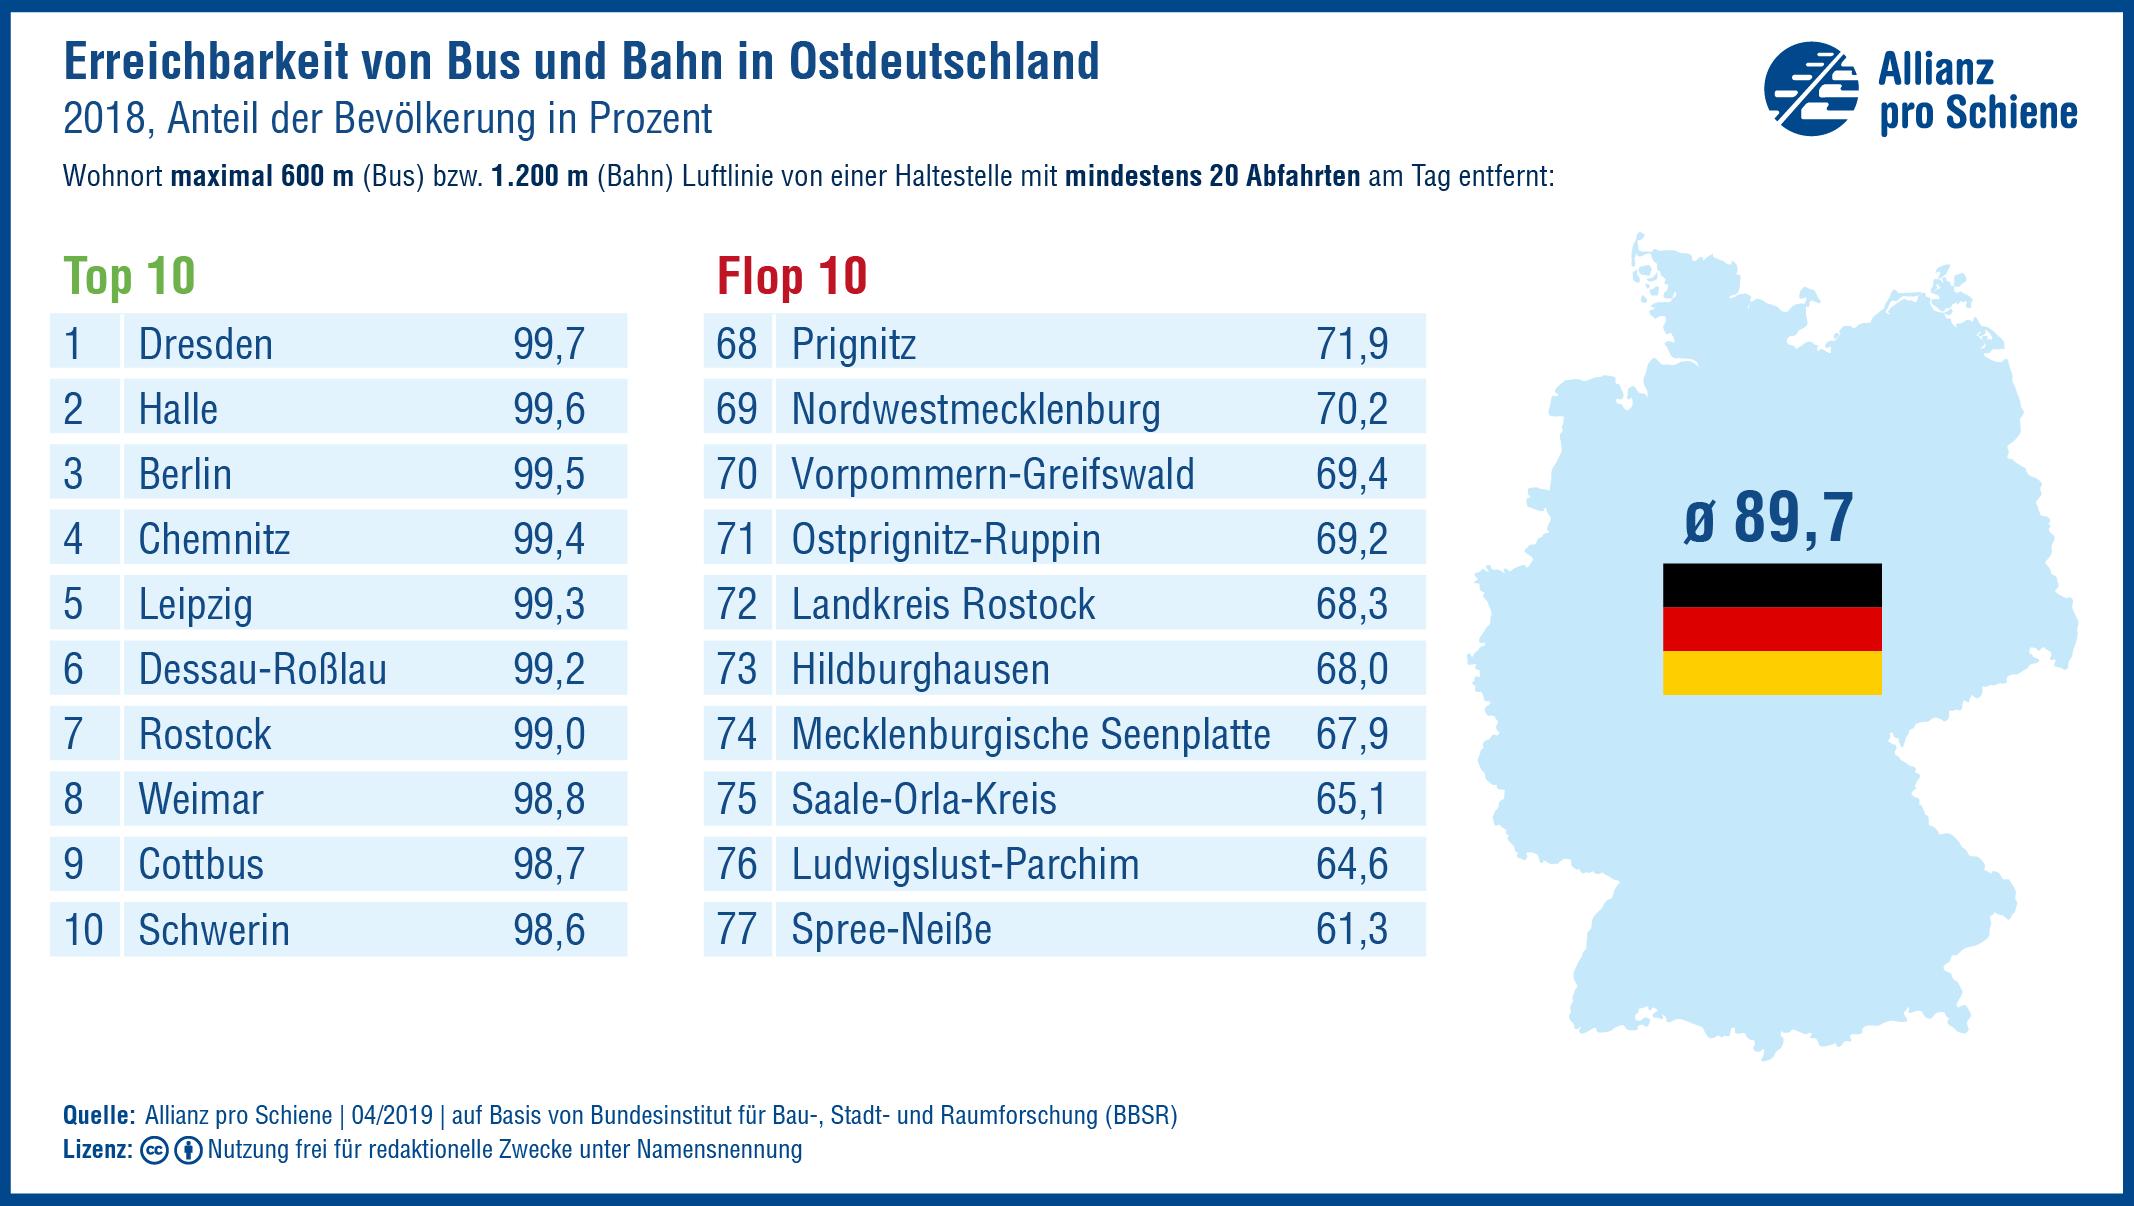 Dresden bietet seinen Bürgern unter allen ostdeutschen Städten und Kreisen die kürzesten Wege zu Bus und Bahn. Dies zeigt das Ranking der Allianz pro Schiene zur Erreichbarkeit des öffentlichen Verkehrs. Bester Landkreis im Osten ist Wittenberg.